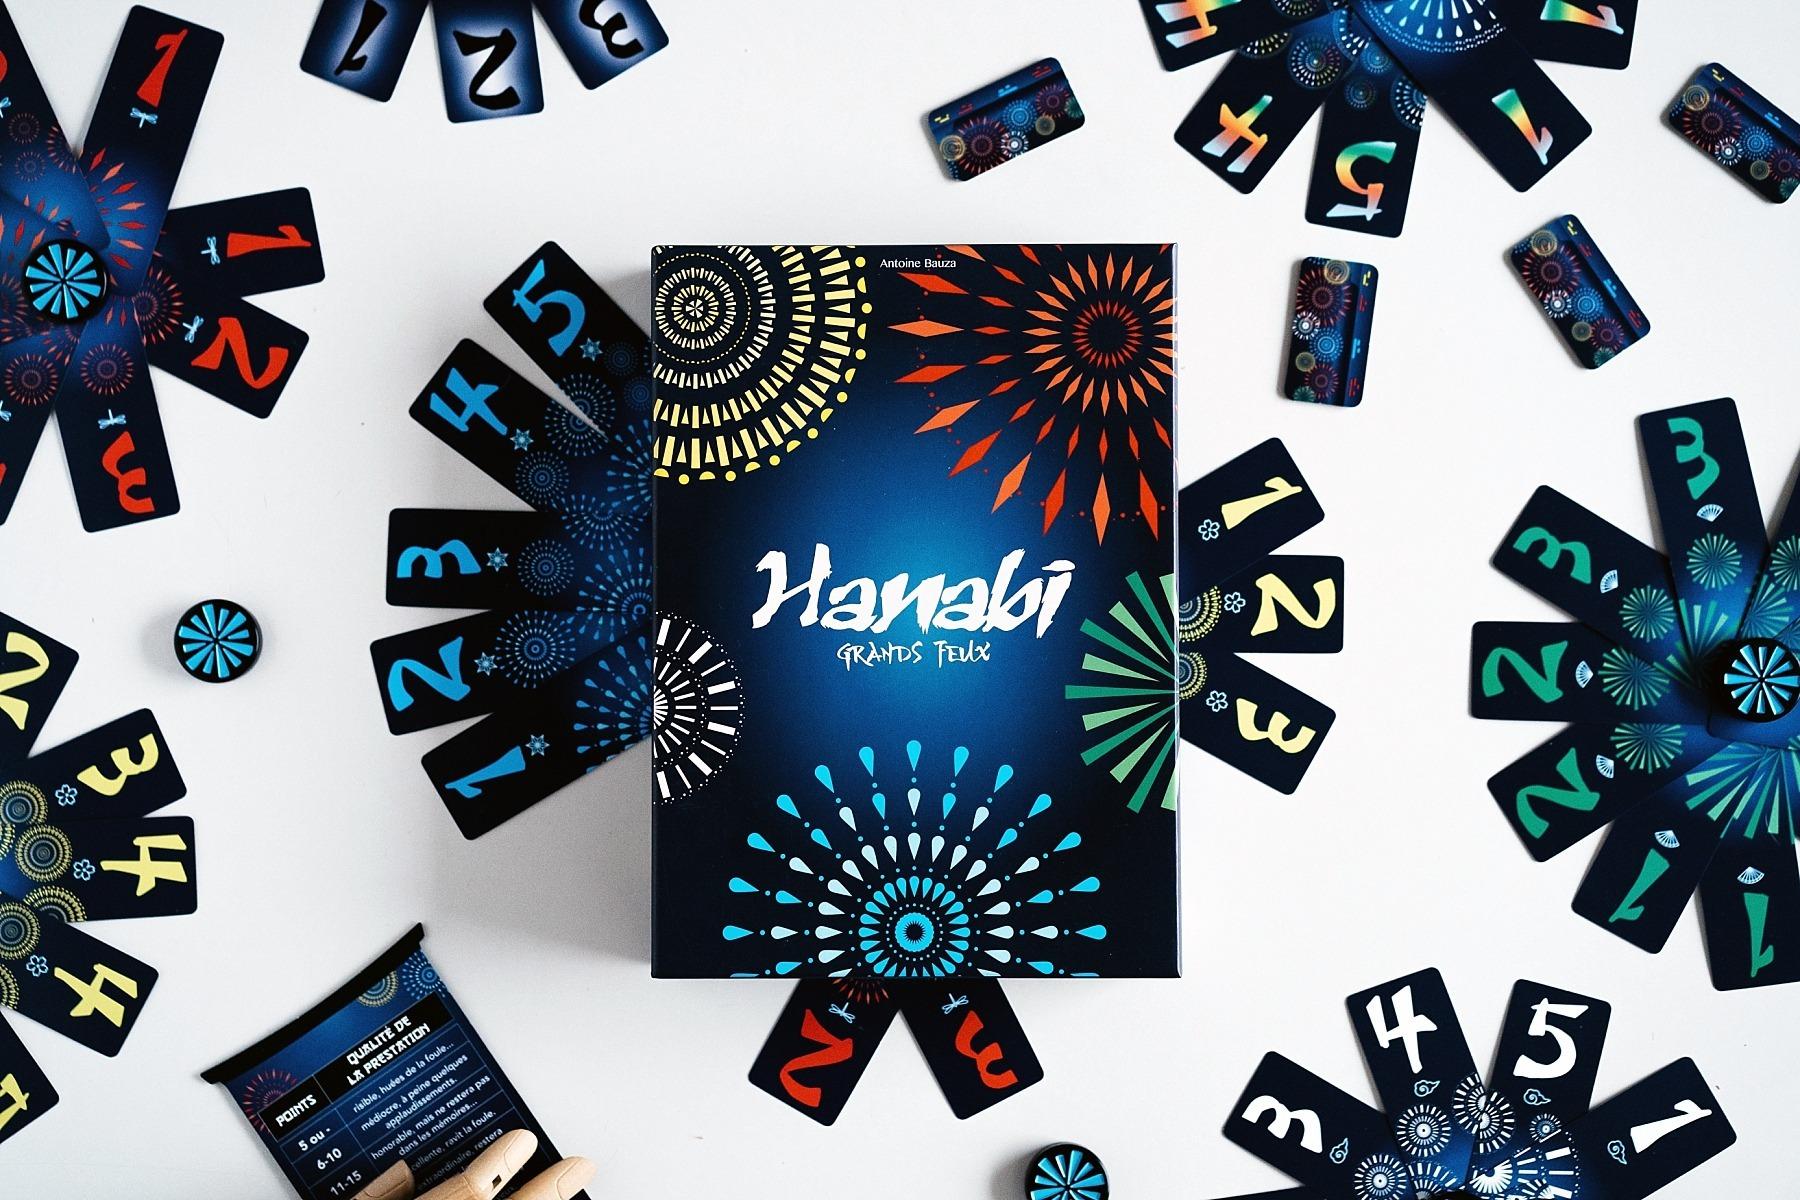 Hanabi grands feux cocktail games jeu de société